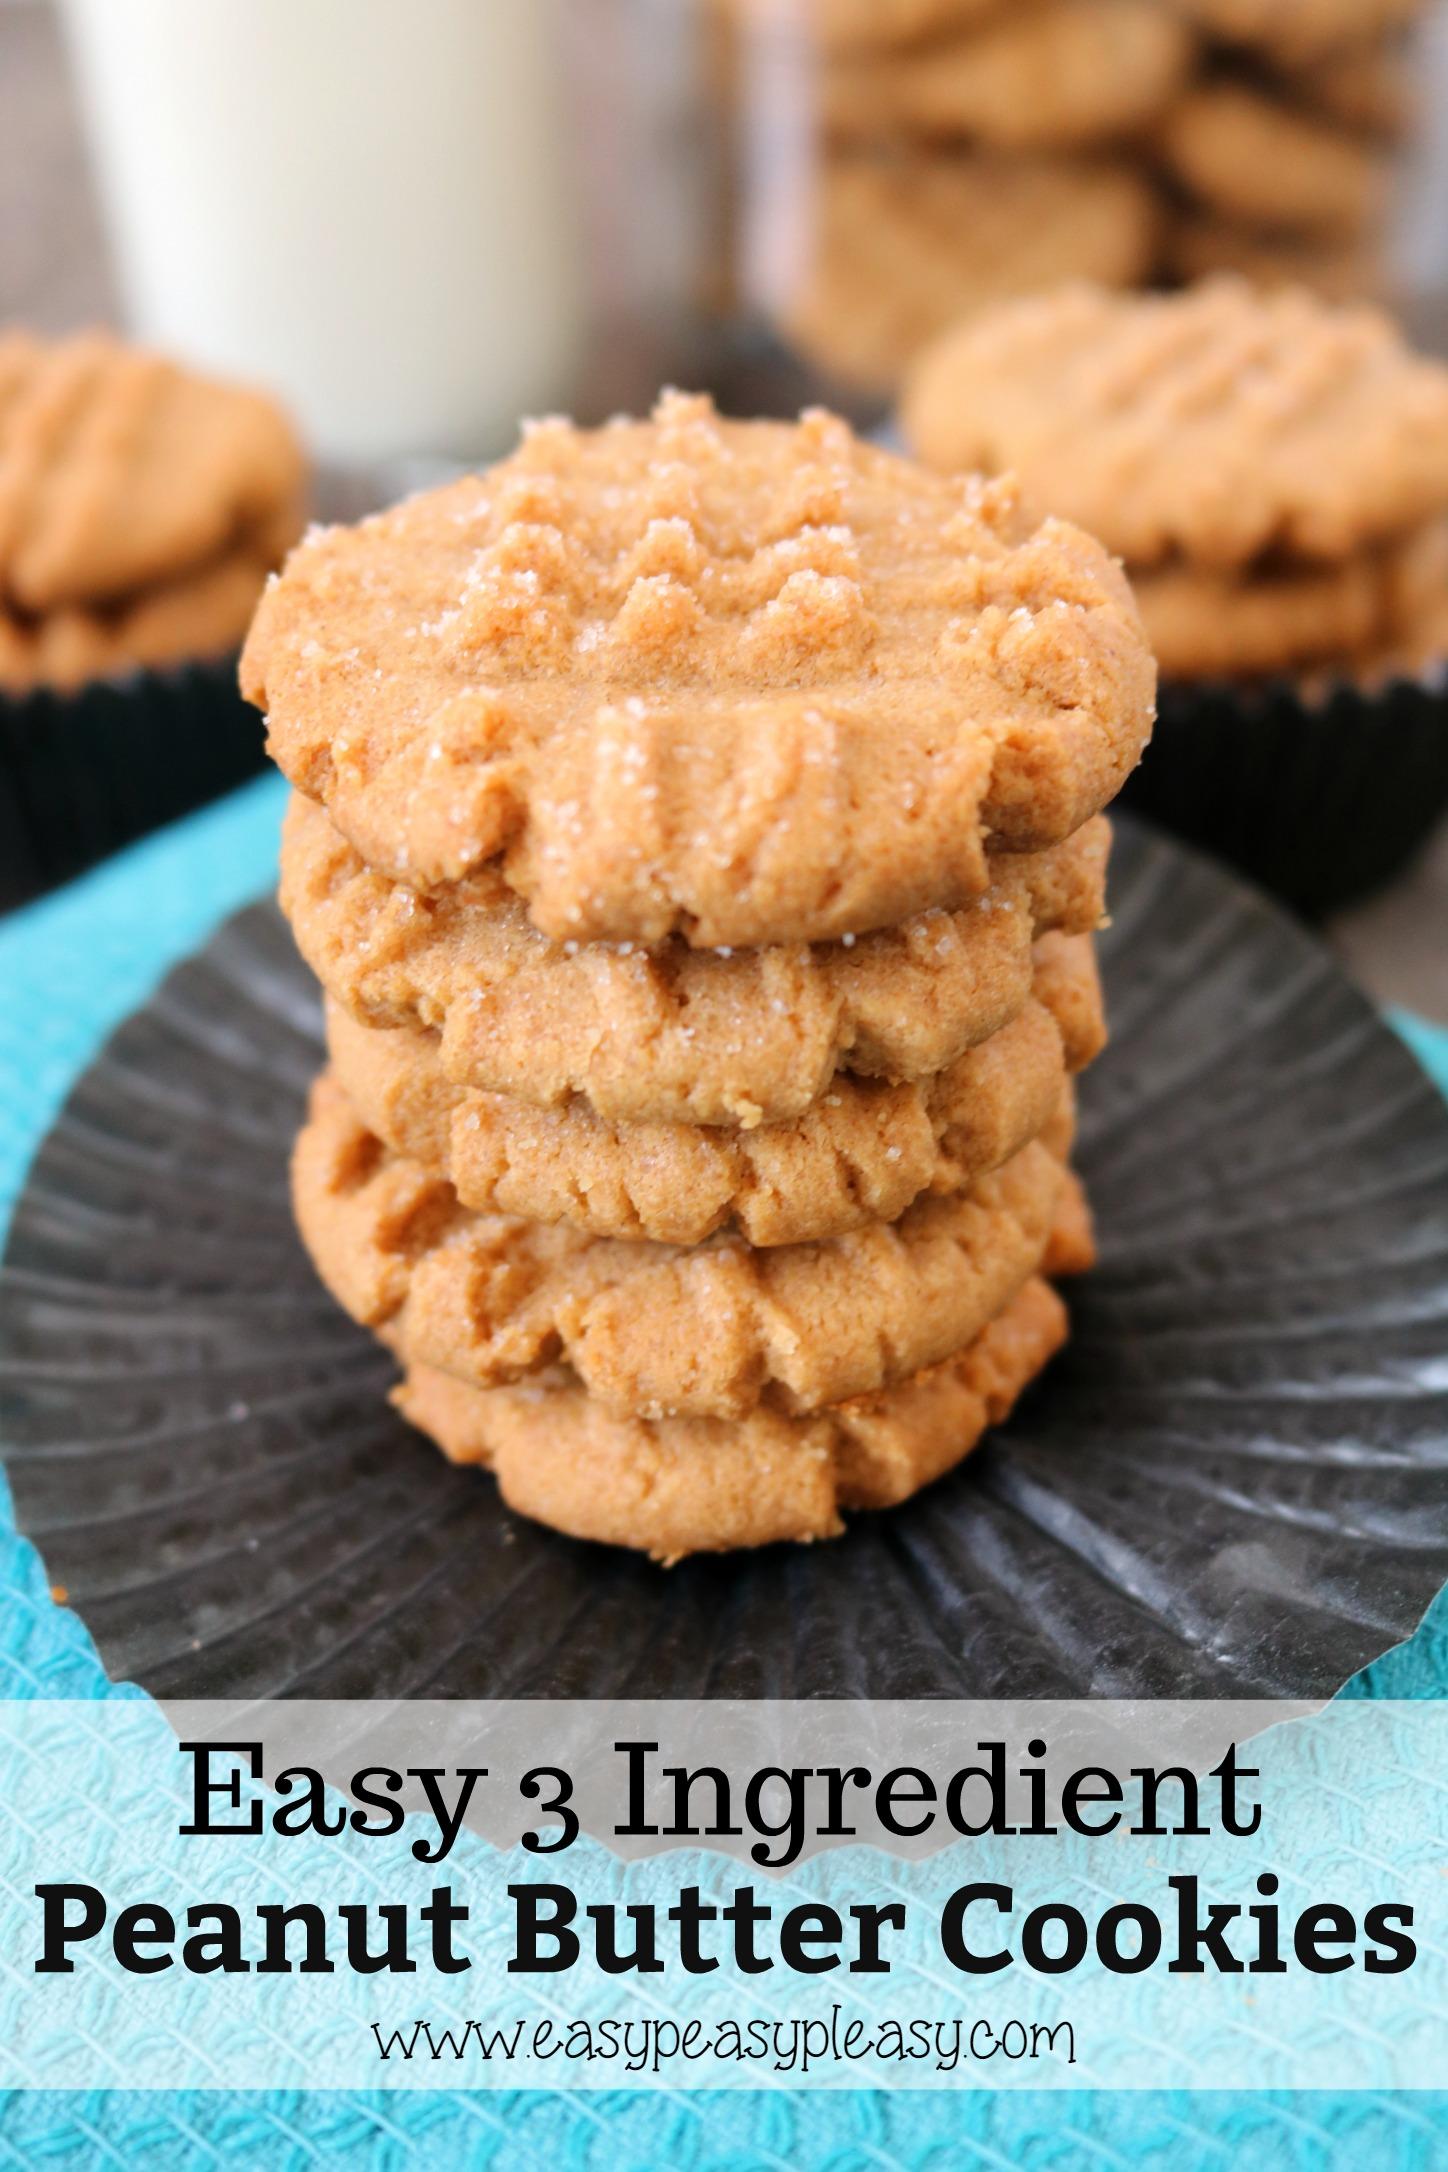 Better Home And Garden Peanut Butter Cookies